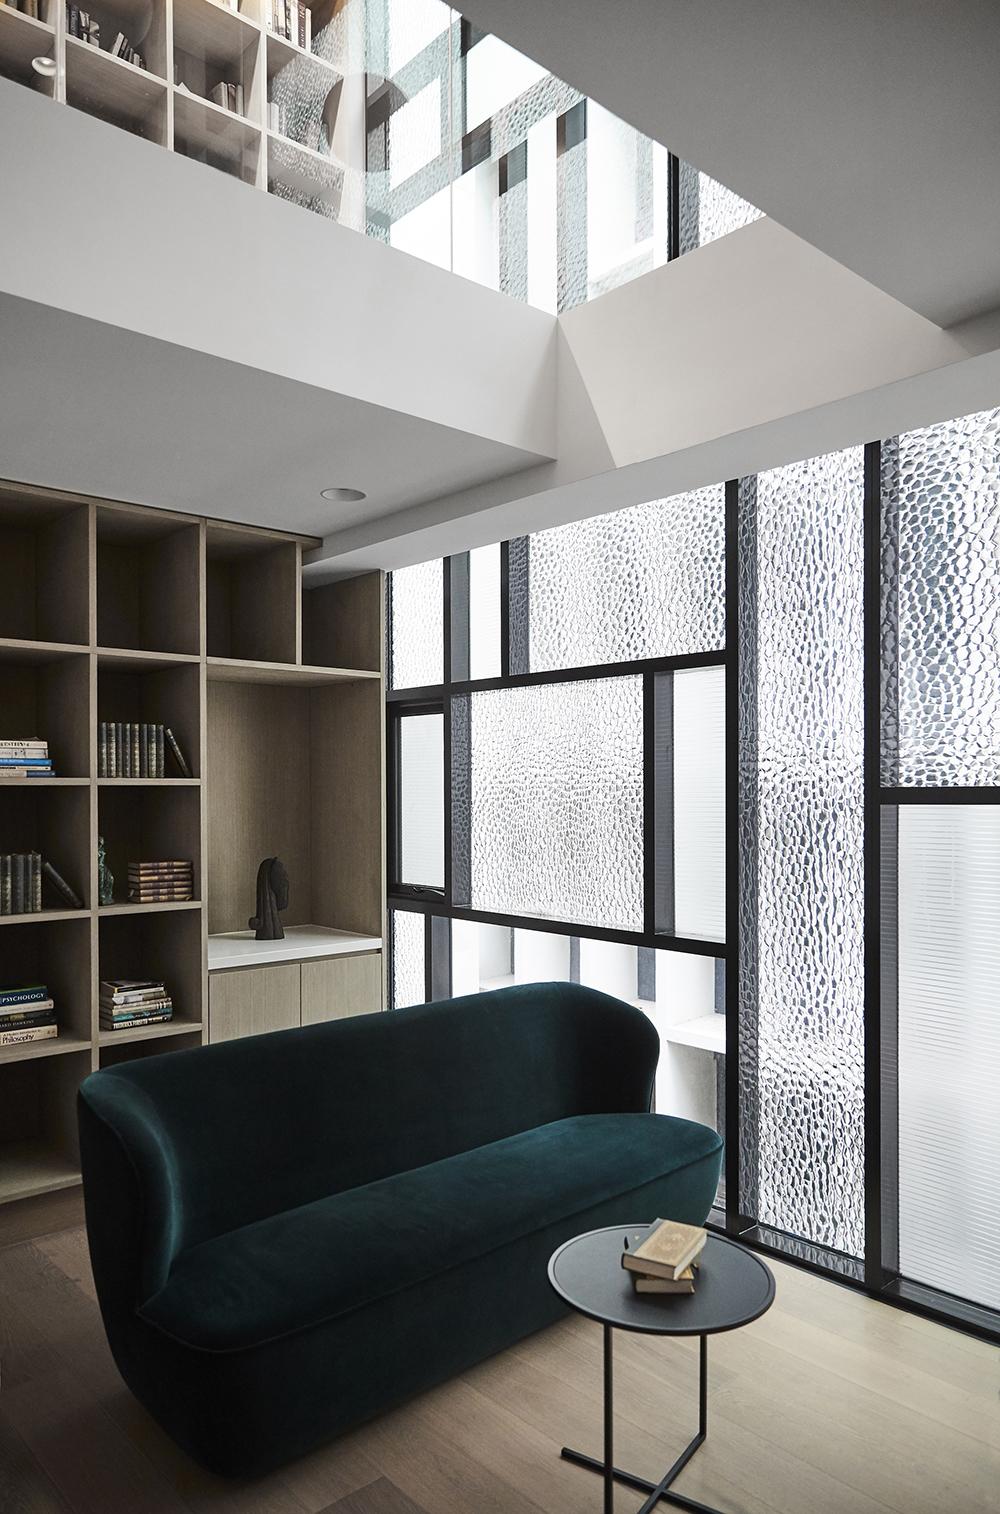 4640-interior_The Grace_FK_Willem-Dirk du Toit_09